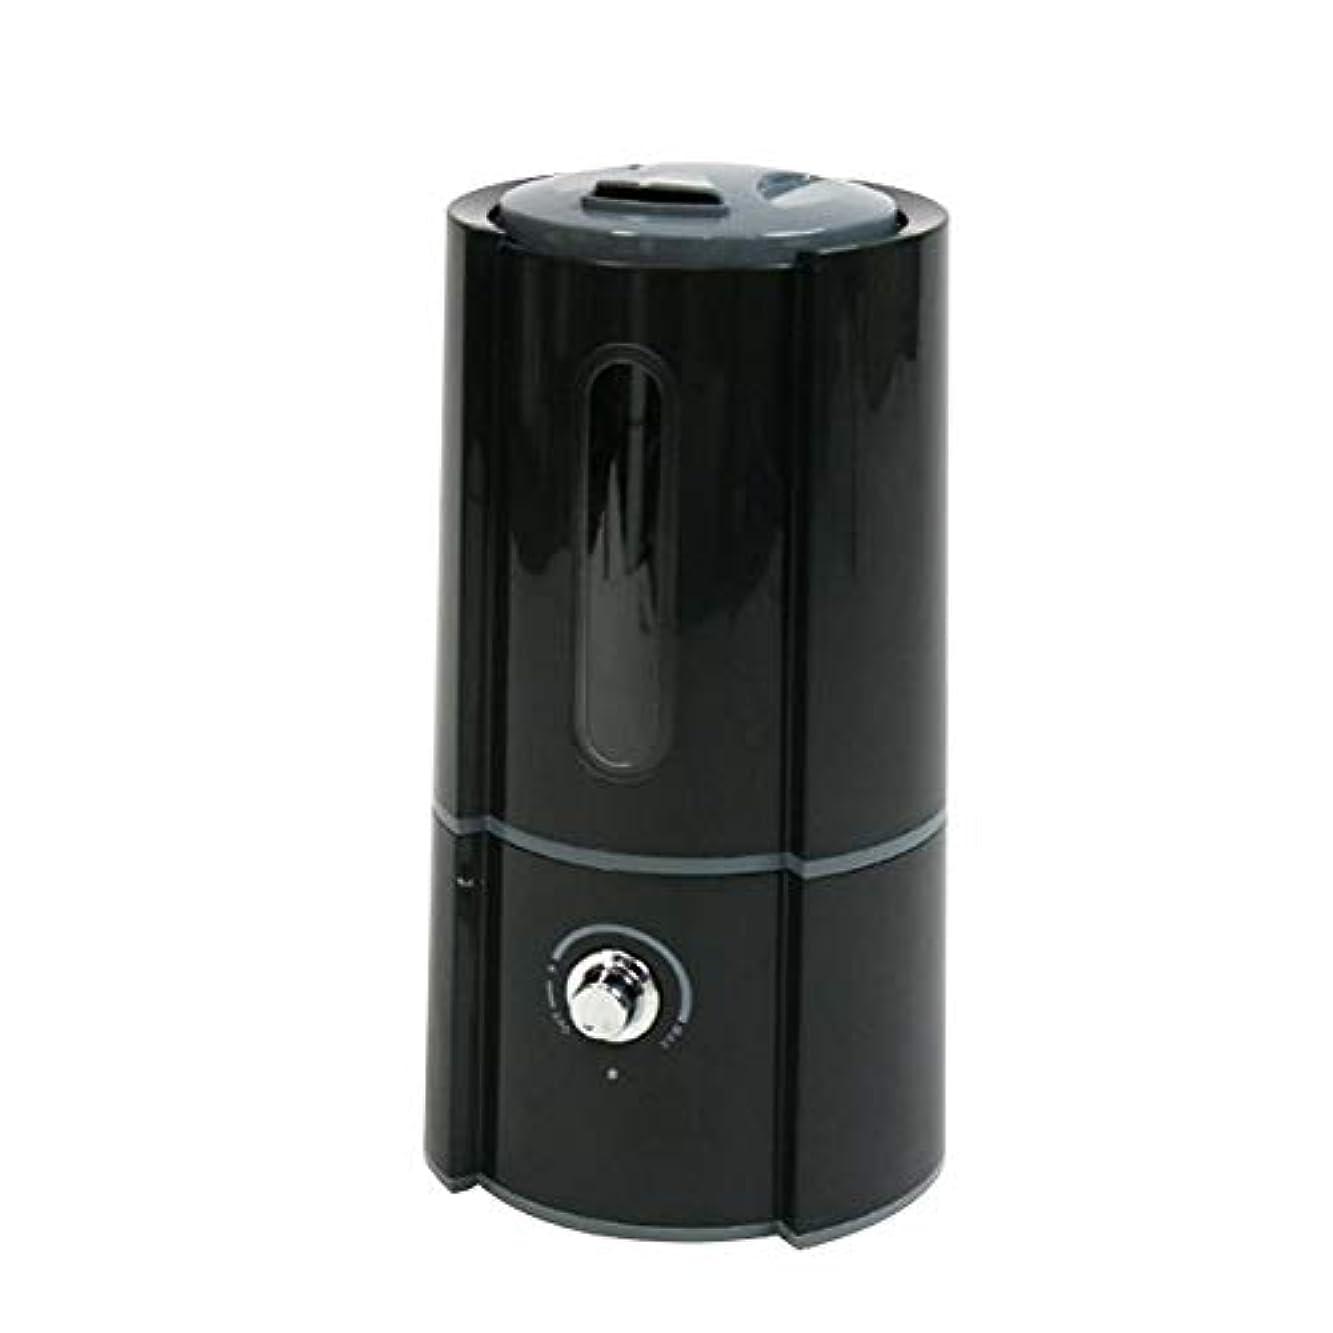 居心地の良いぞっとするような診断する加湿器 超音波式 大容量 2.5L 400ml/h DOLCE 卓上 オフィス ディフューザー 加湿量調節 ブラック